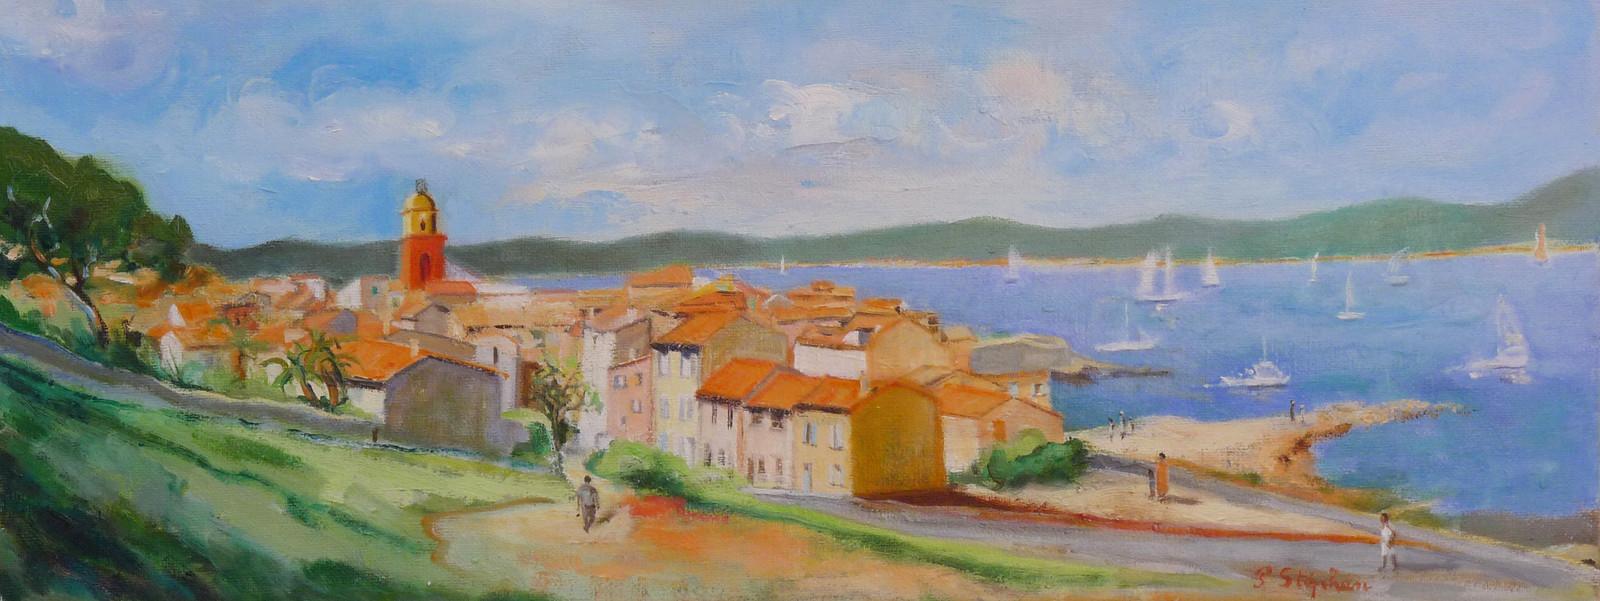 Artiste Peintre St Tropez saint-tropez vue de la citadelle